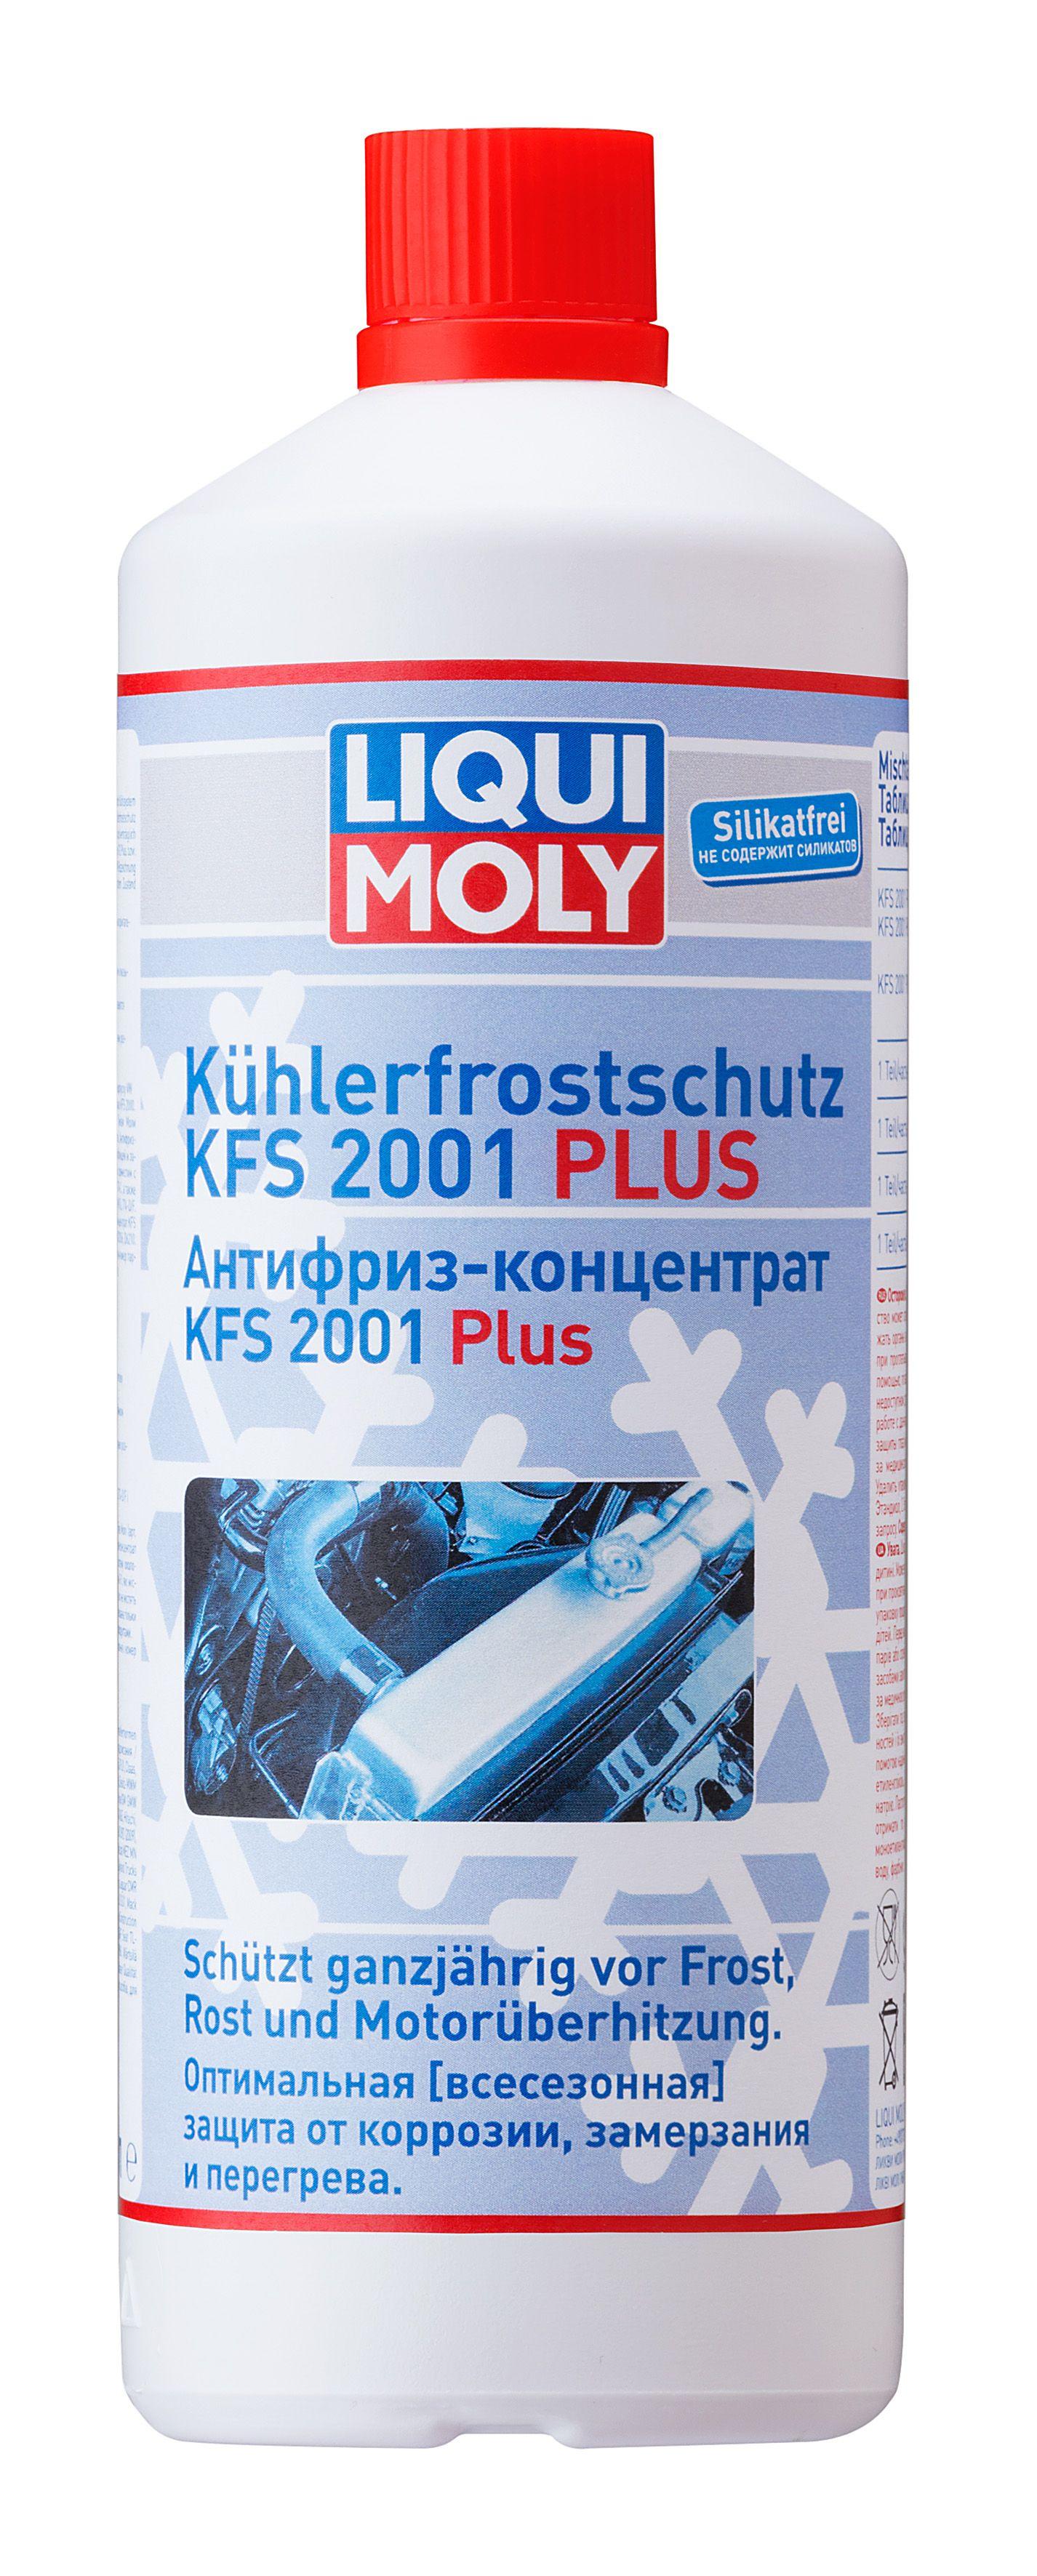 Антифриз LiquiMoly KFS2001Plus G12 концентрат 1 л 8840